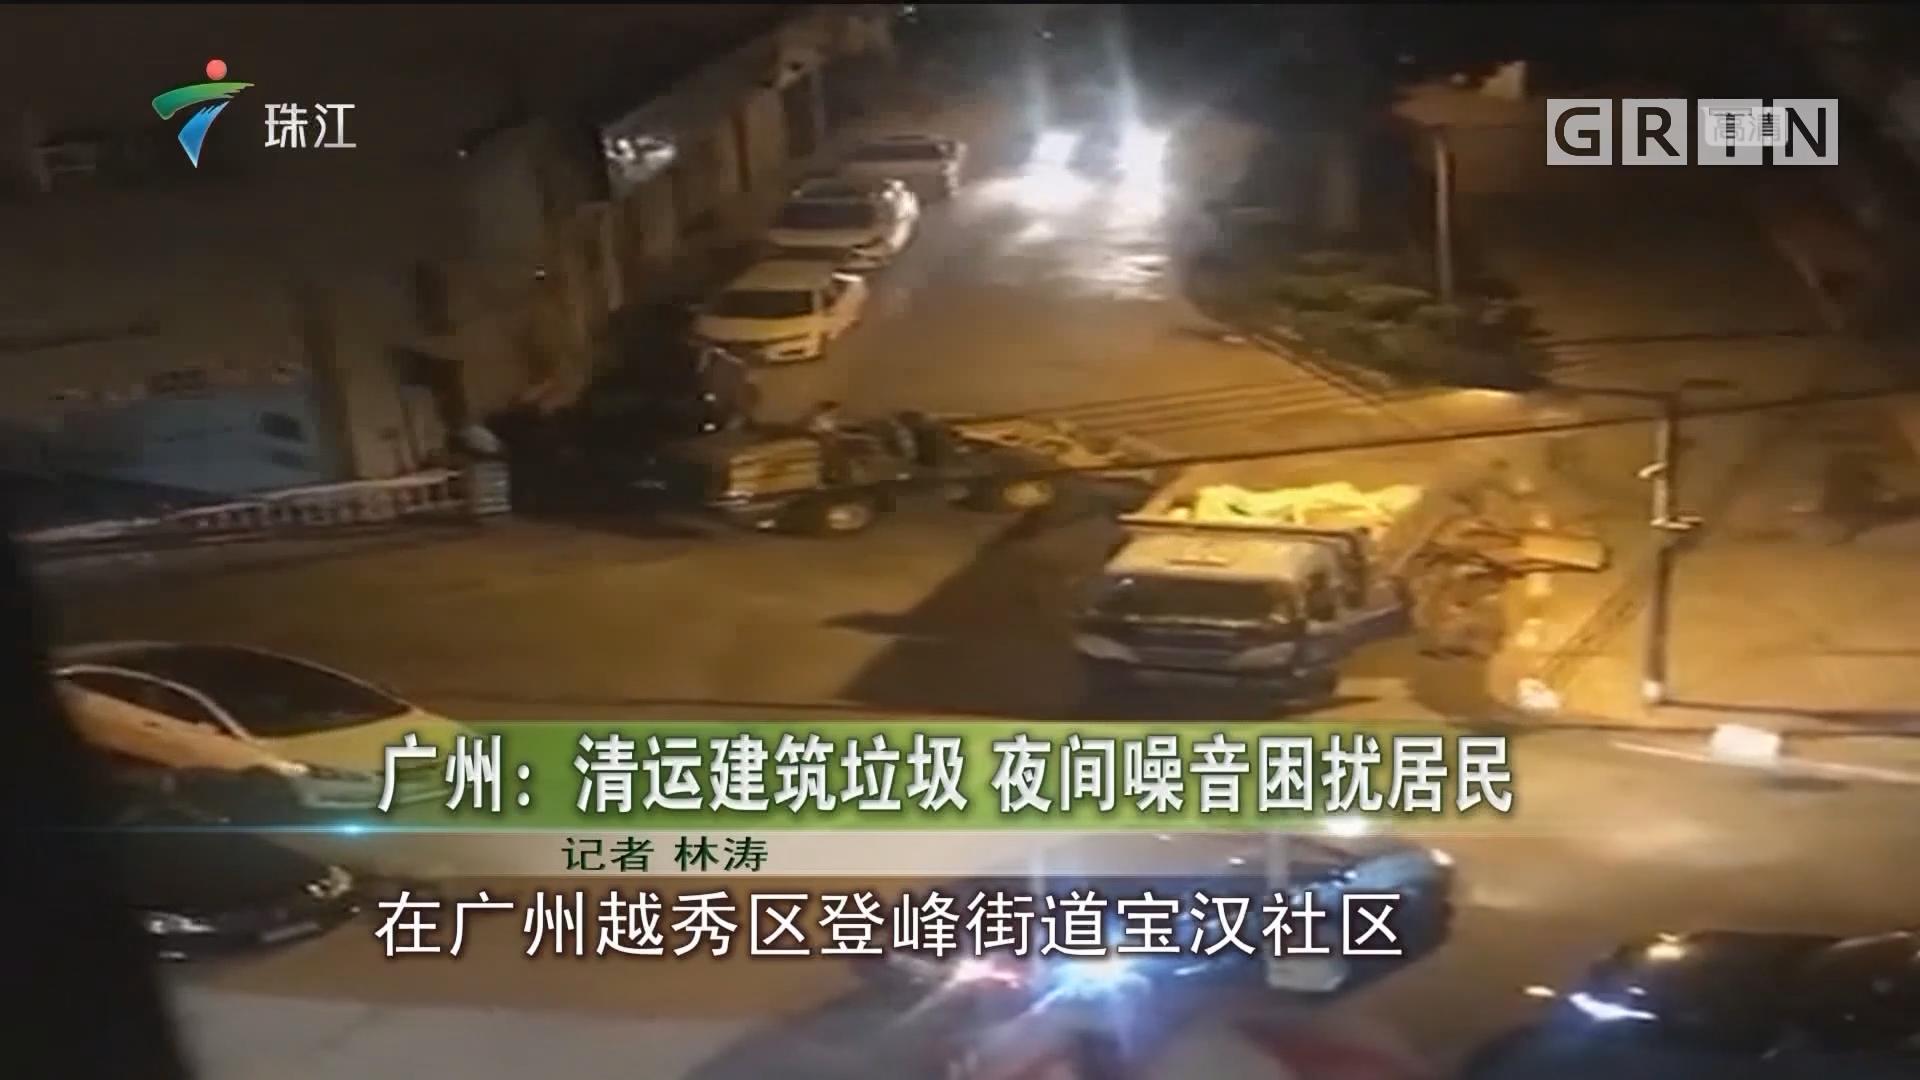 广州:清运建筑垃圾 夜间噪音困扰居民